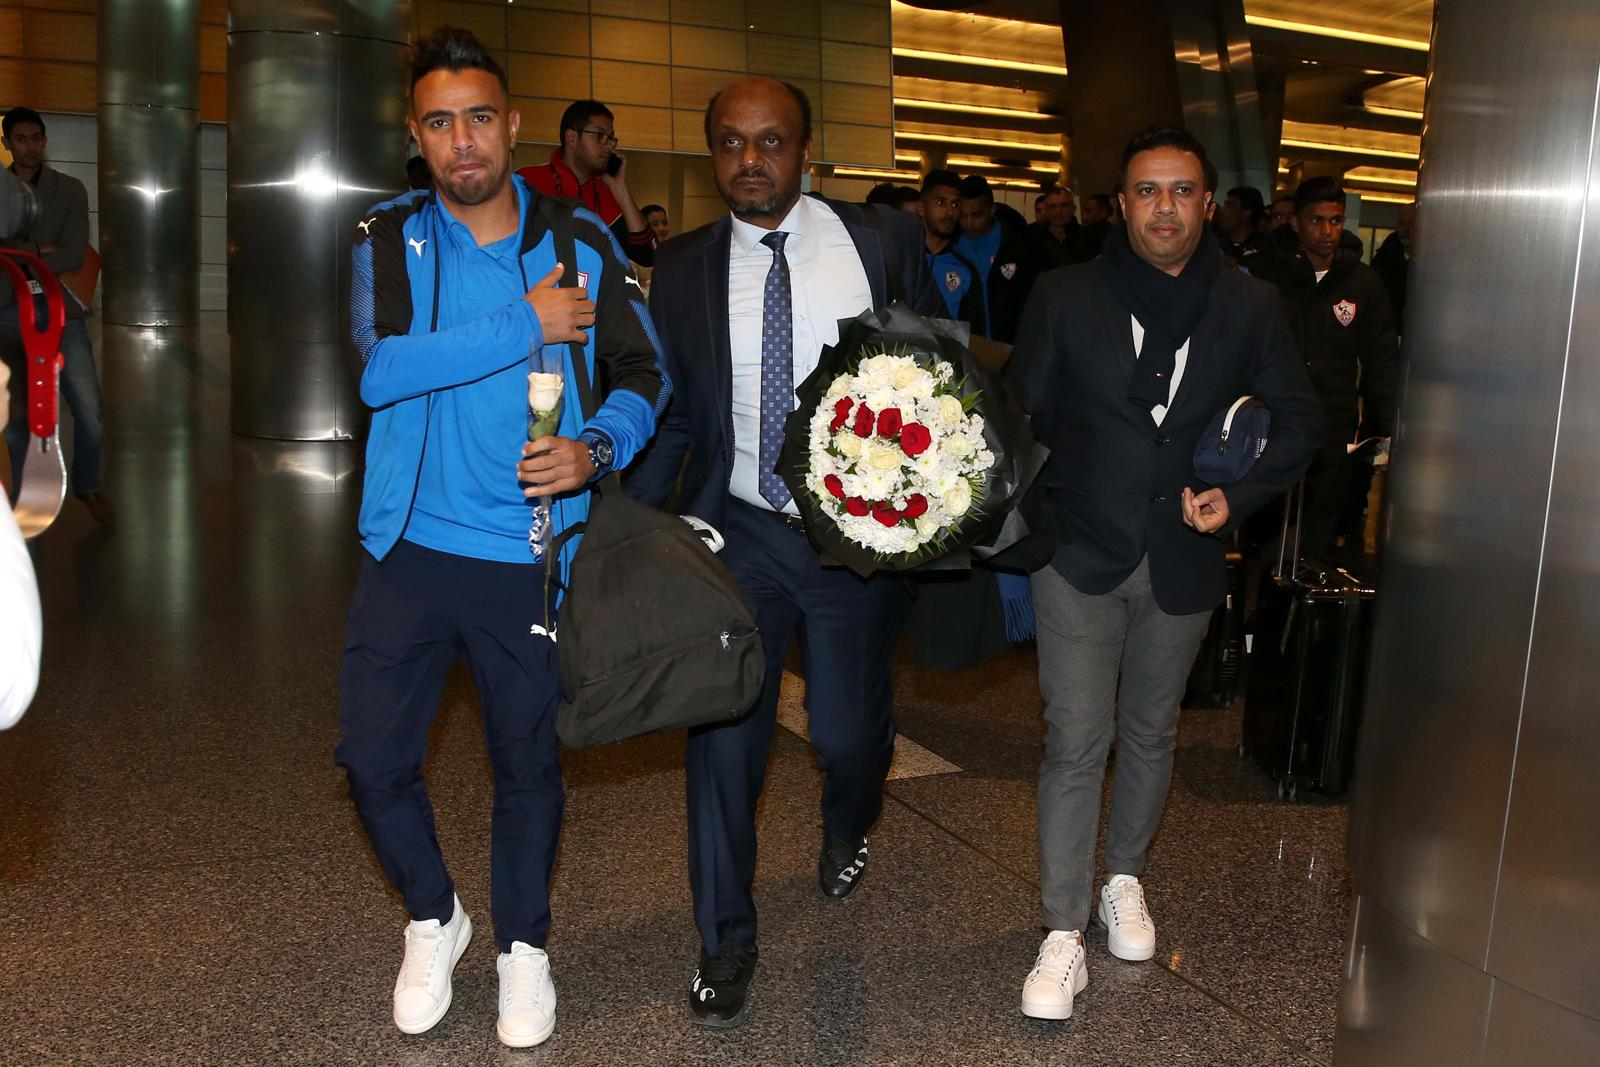 استقبال الزمالك بالورود في مطار الدوحة